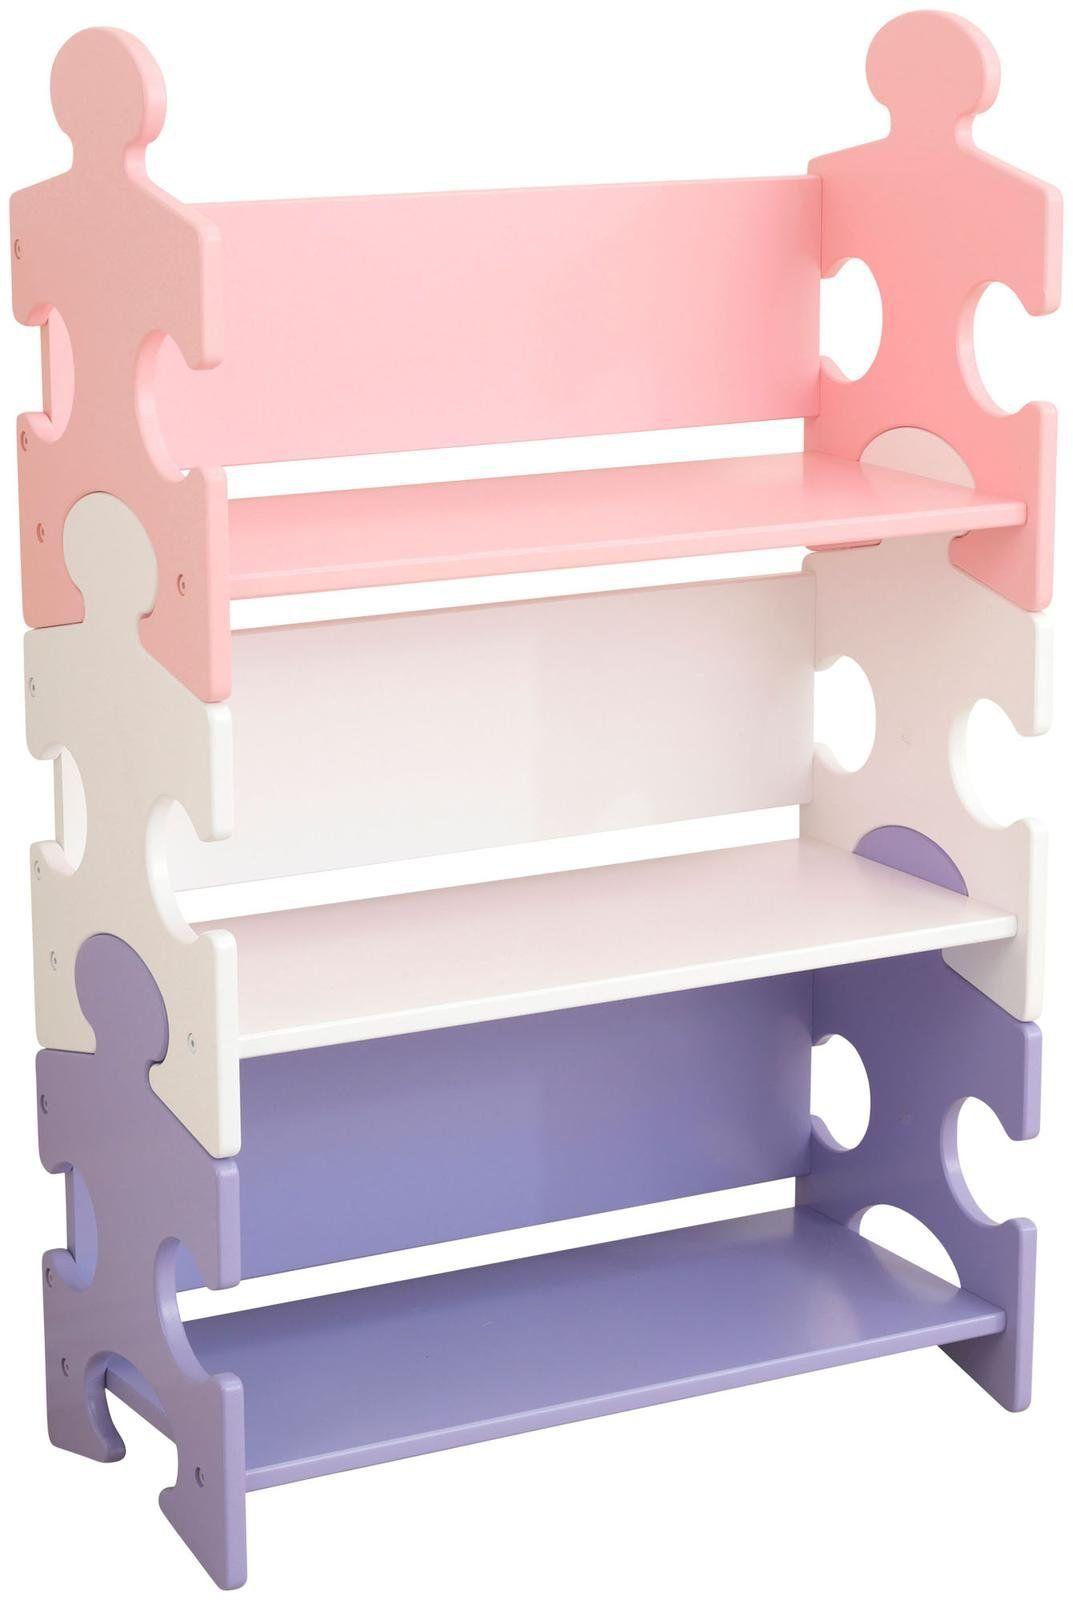 Puzzle Bookshelf - Pastel